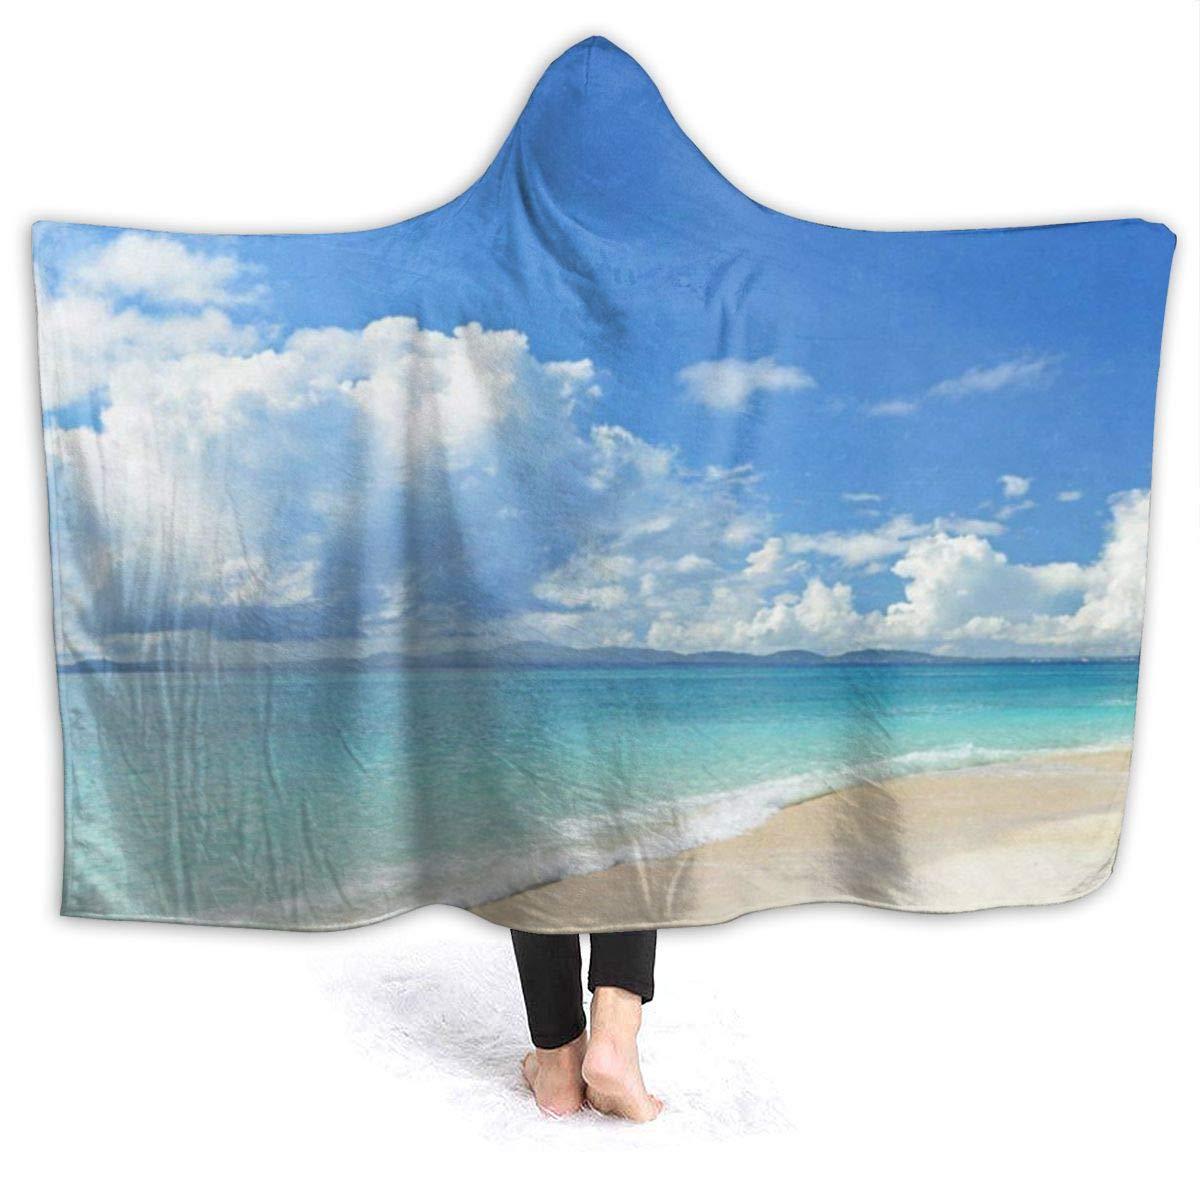 """OuLian Hooded Blanket Beach Seawave Sunshine Wearable Fleece Blankets Soft Warm for Kid Adults Women Men Throw Cuddle Poncho Cloak Cape 60"""" x 80"""""""